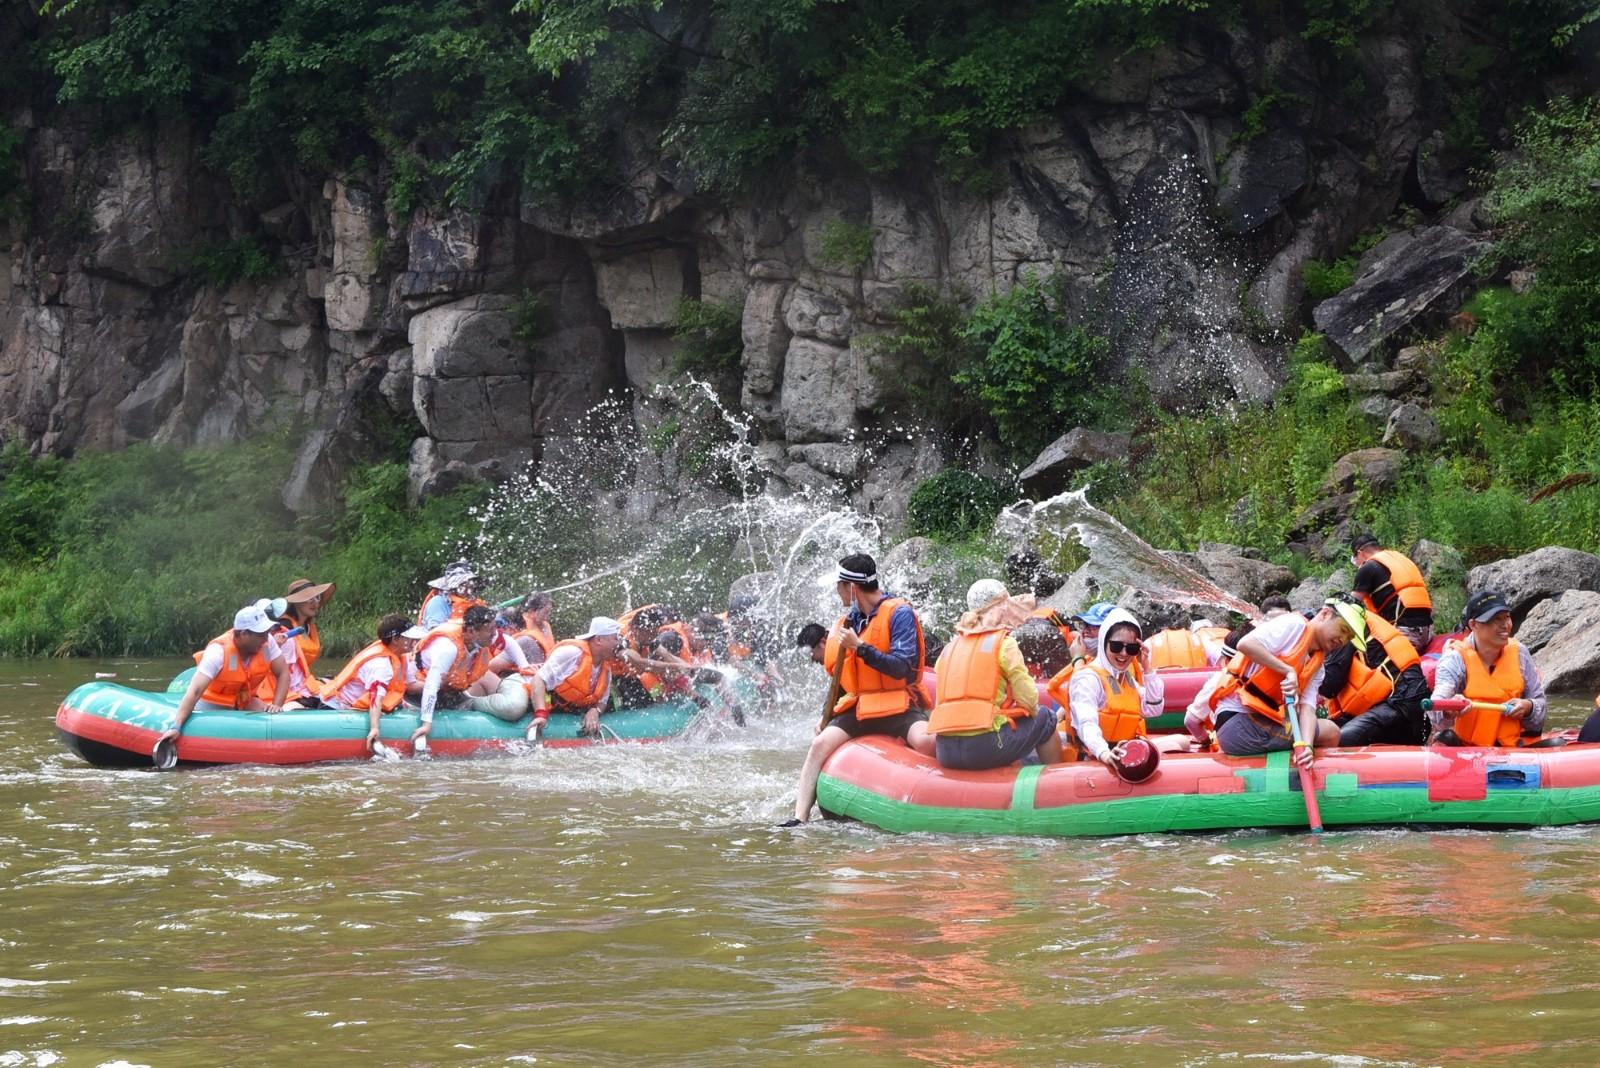 东北第一漂,清原红河谷生态之旅,释放你的夏日激情